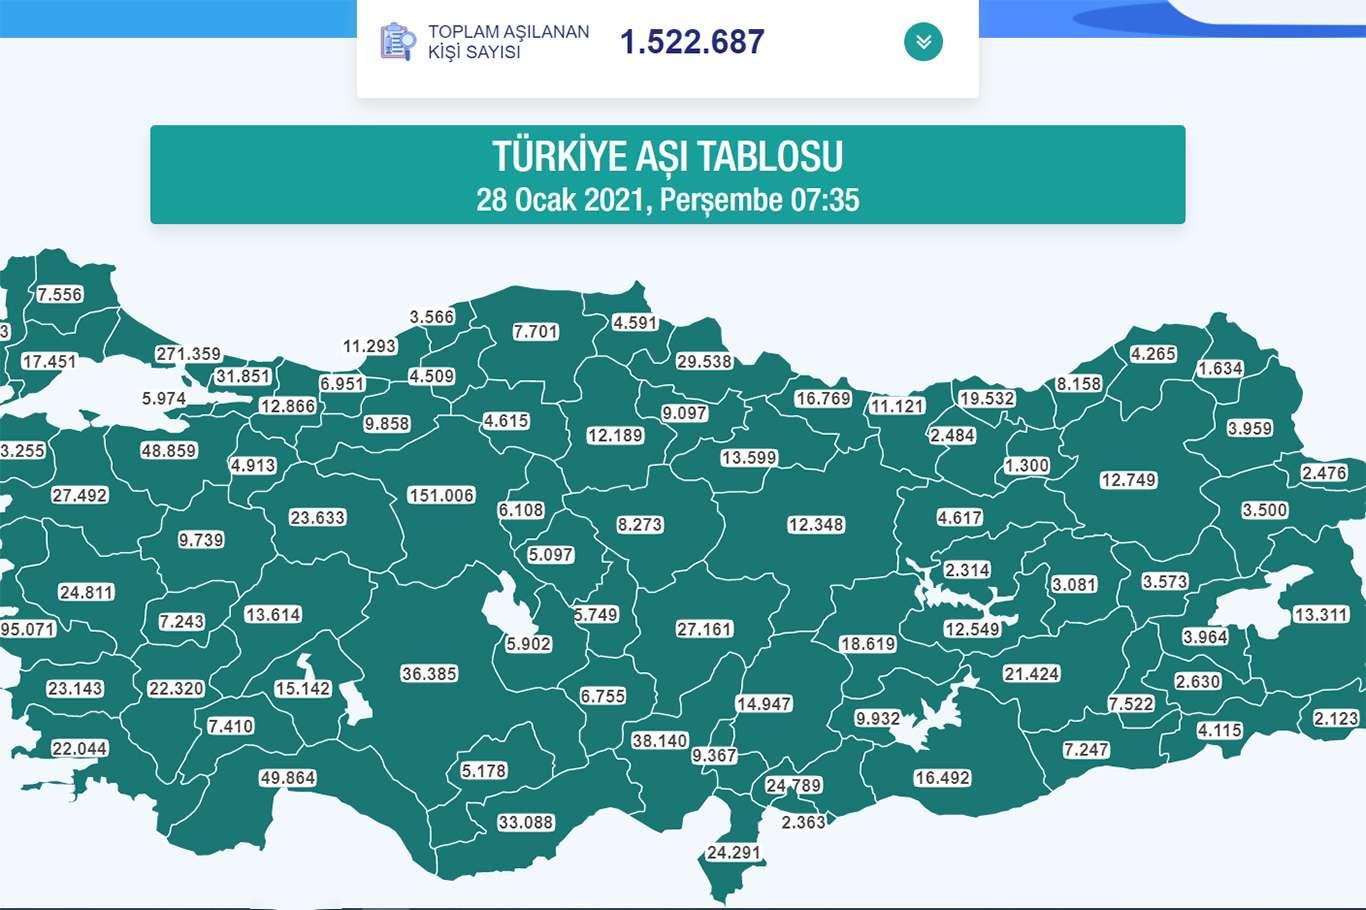 Türkiye Genelinde Covid-19 Aşısı Yaptıranların Sayısı 1,5 Milyonu Aştı